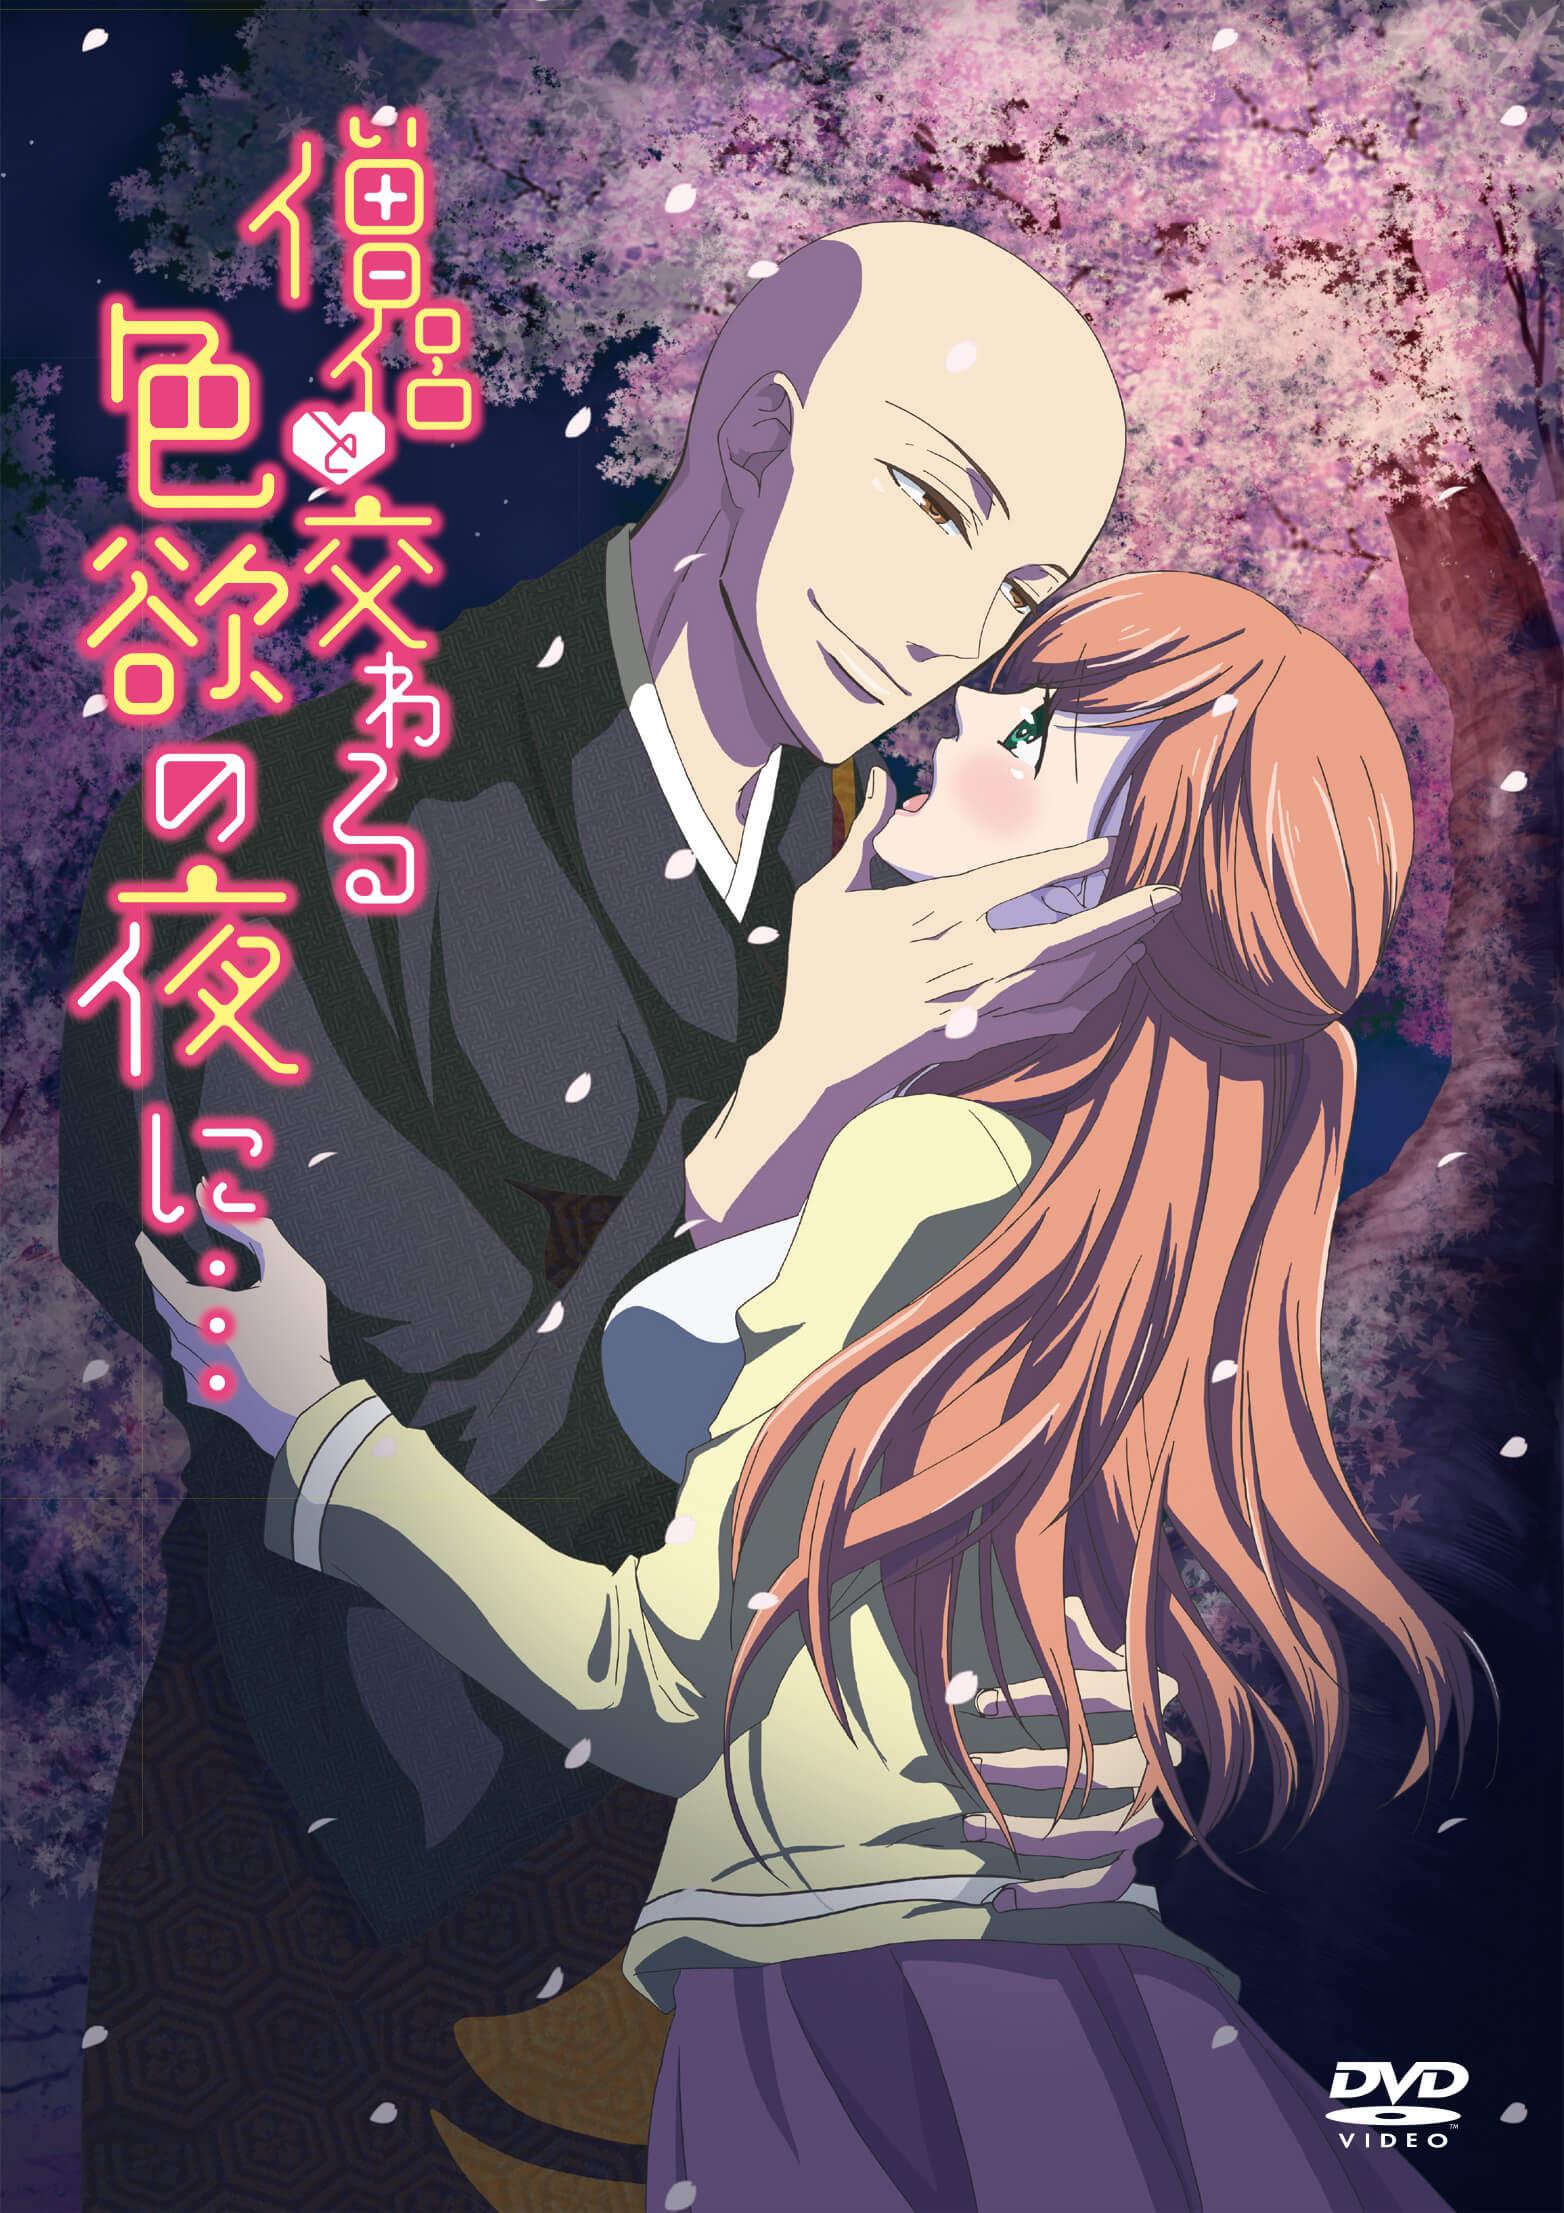 僧侶と交わる色欲の夜に・・・ (DVD限定版)[アダルト]